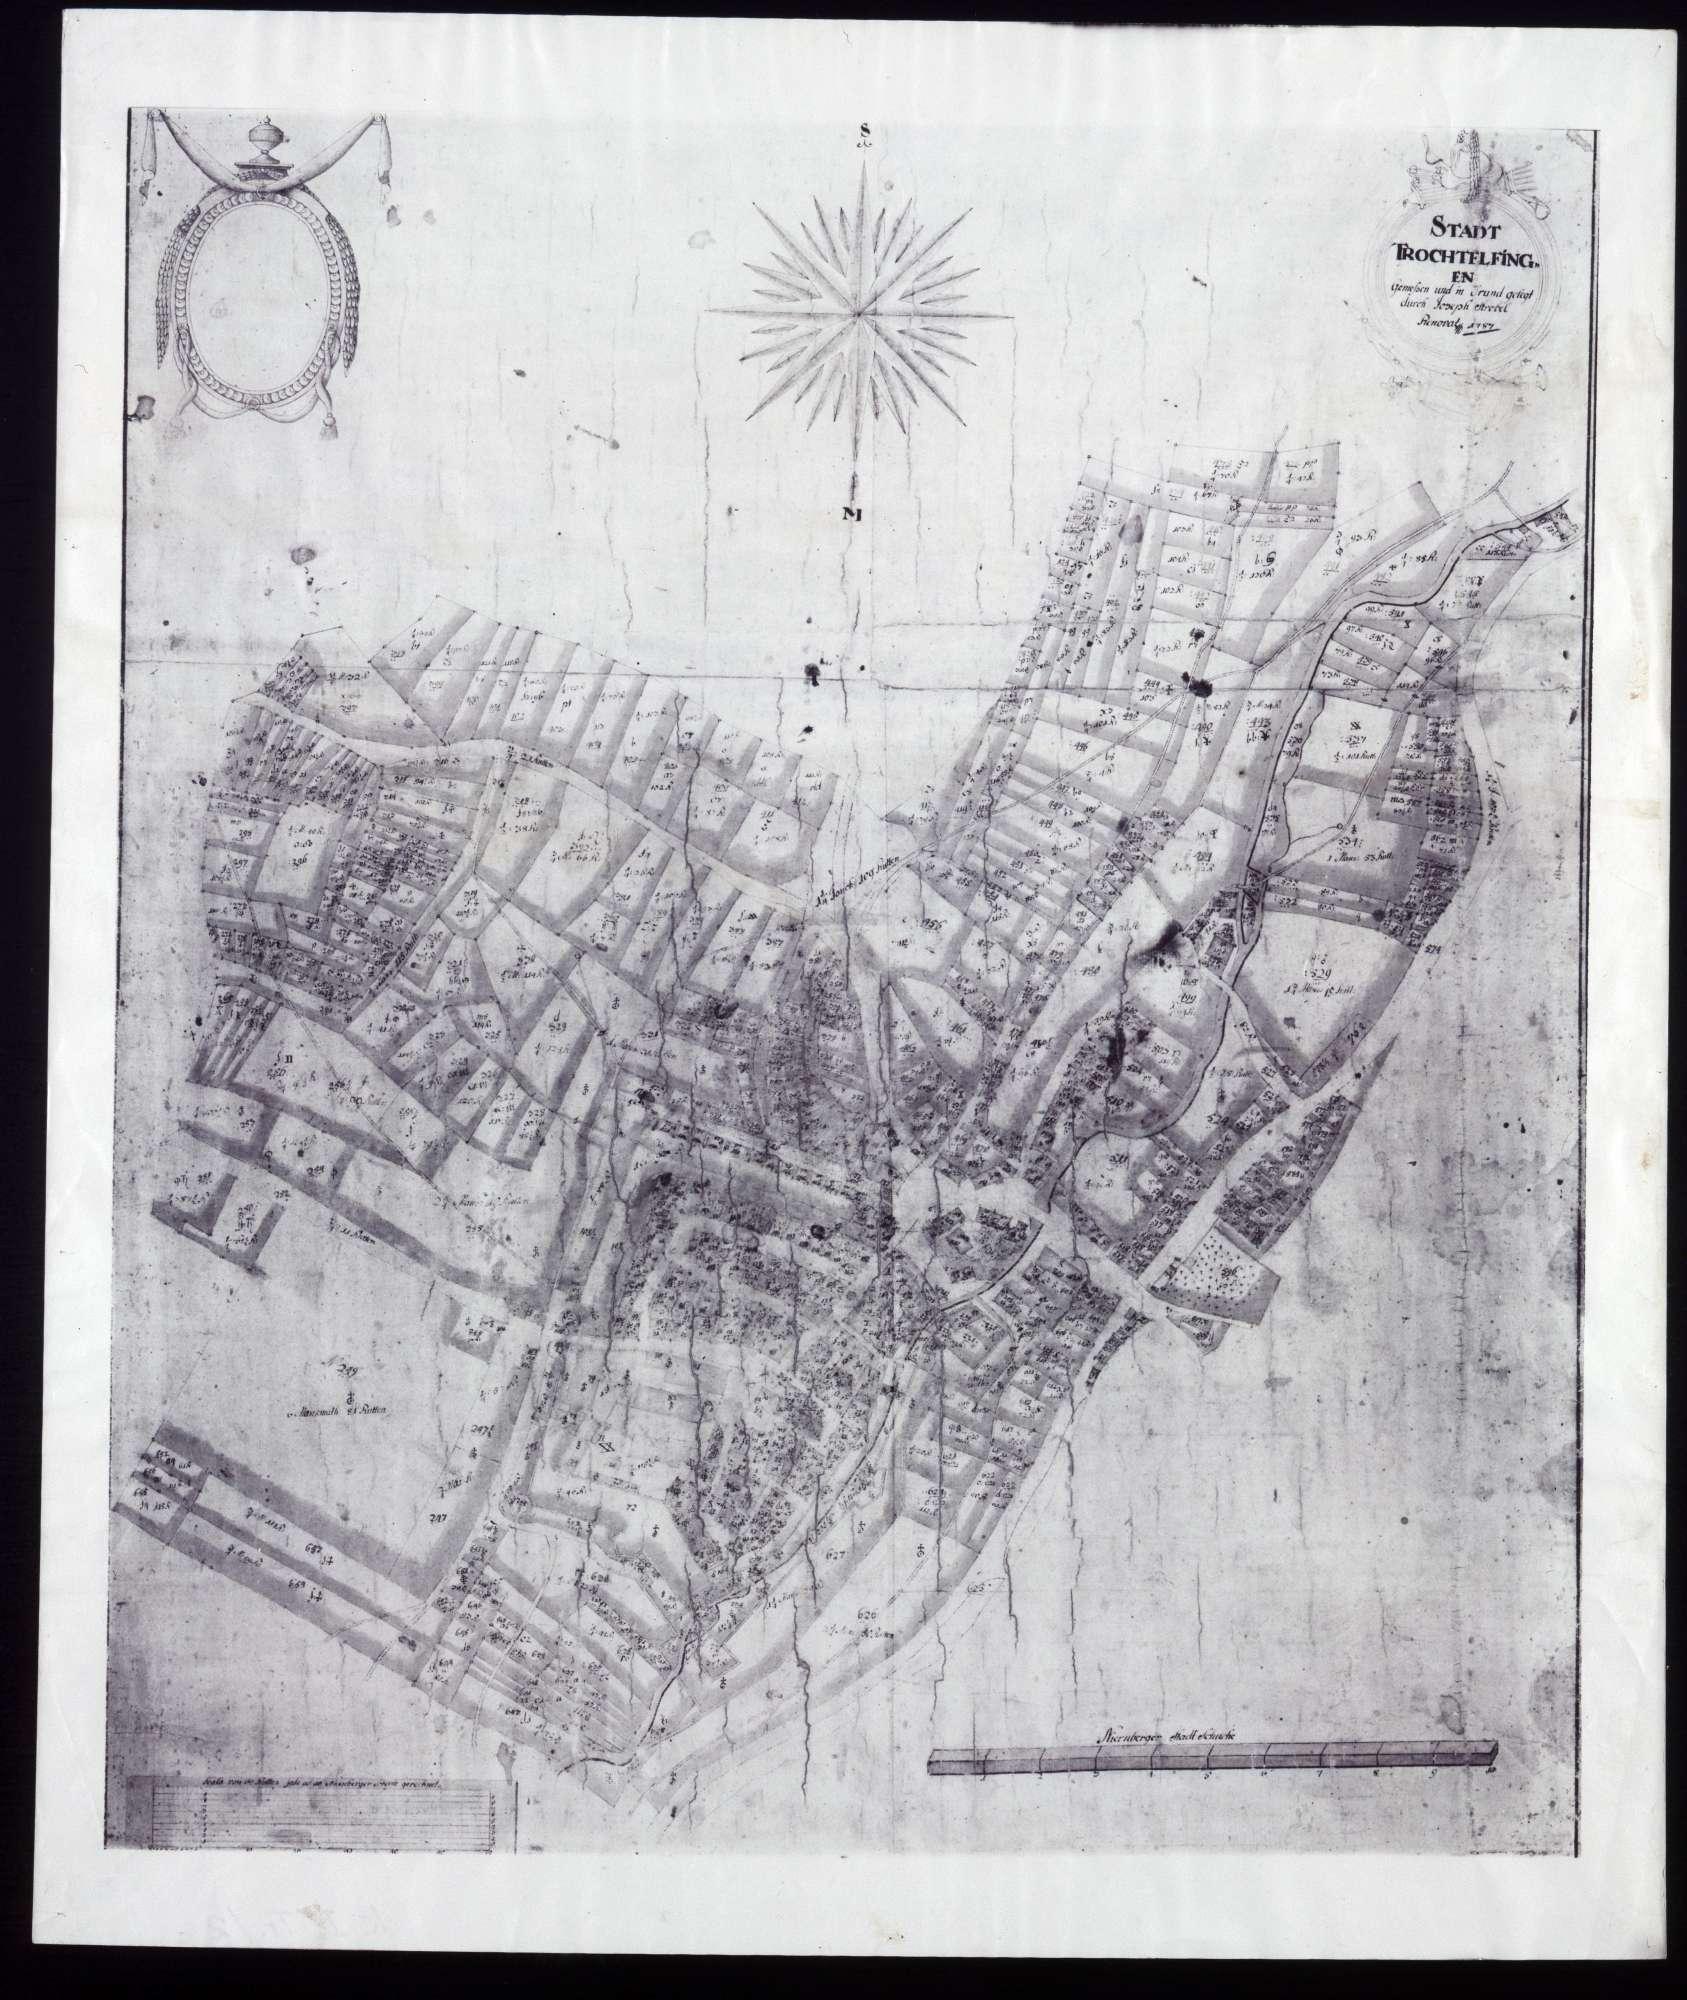 Stadt Trochtelfingen, Bild 1